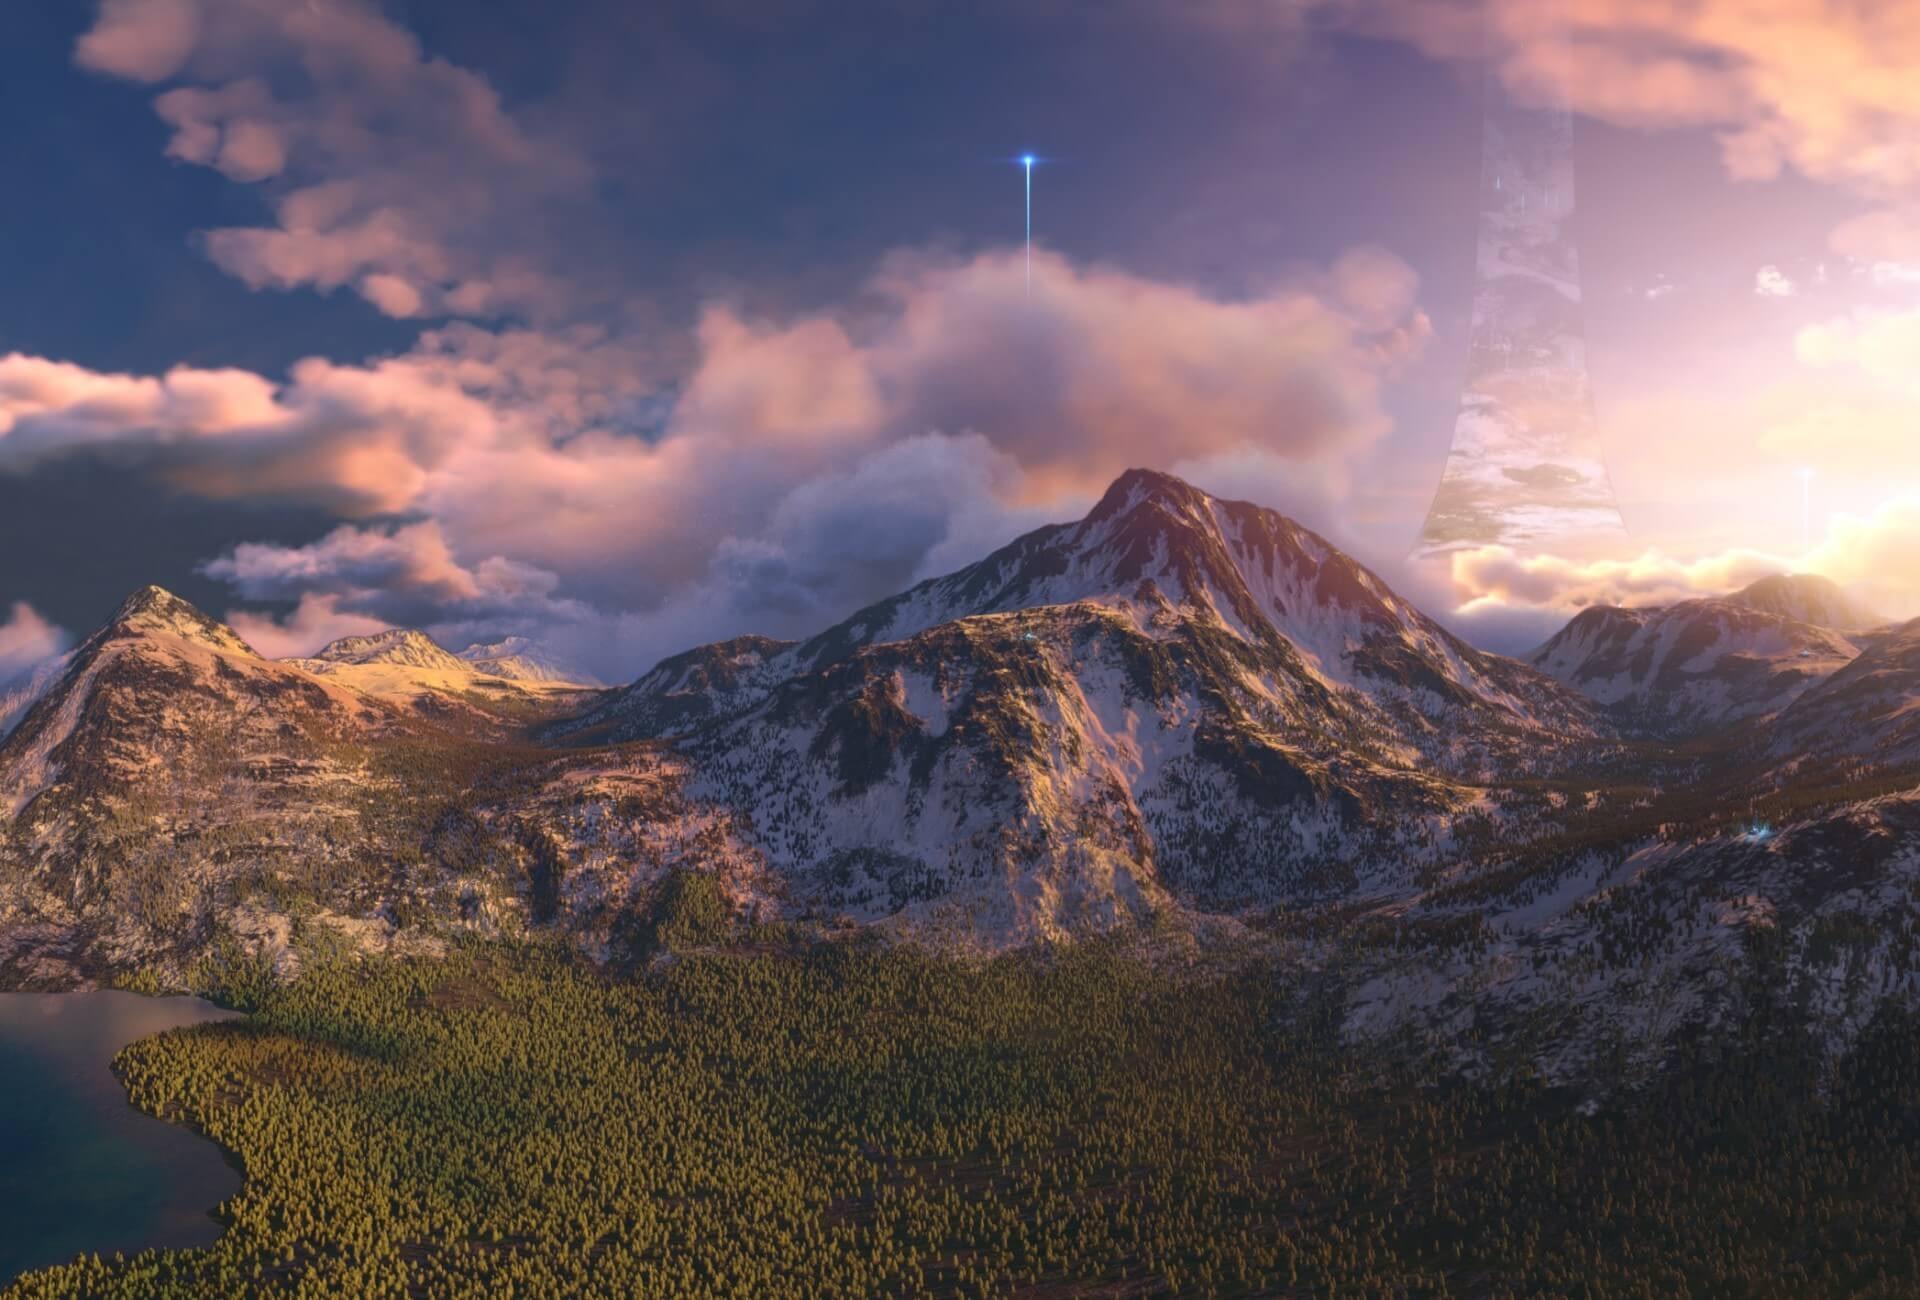 HALO - Utilizing World Creator - After